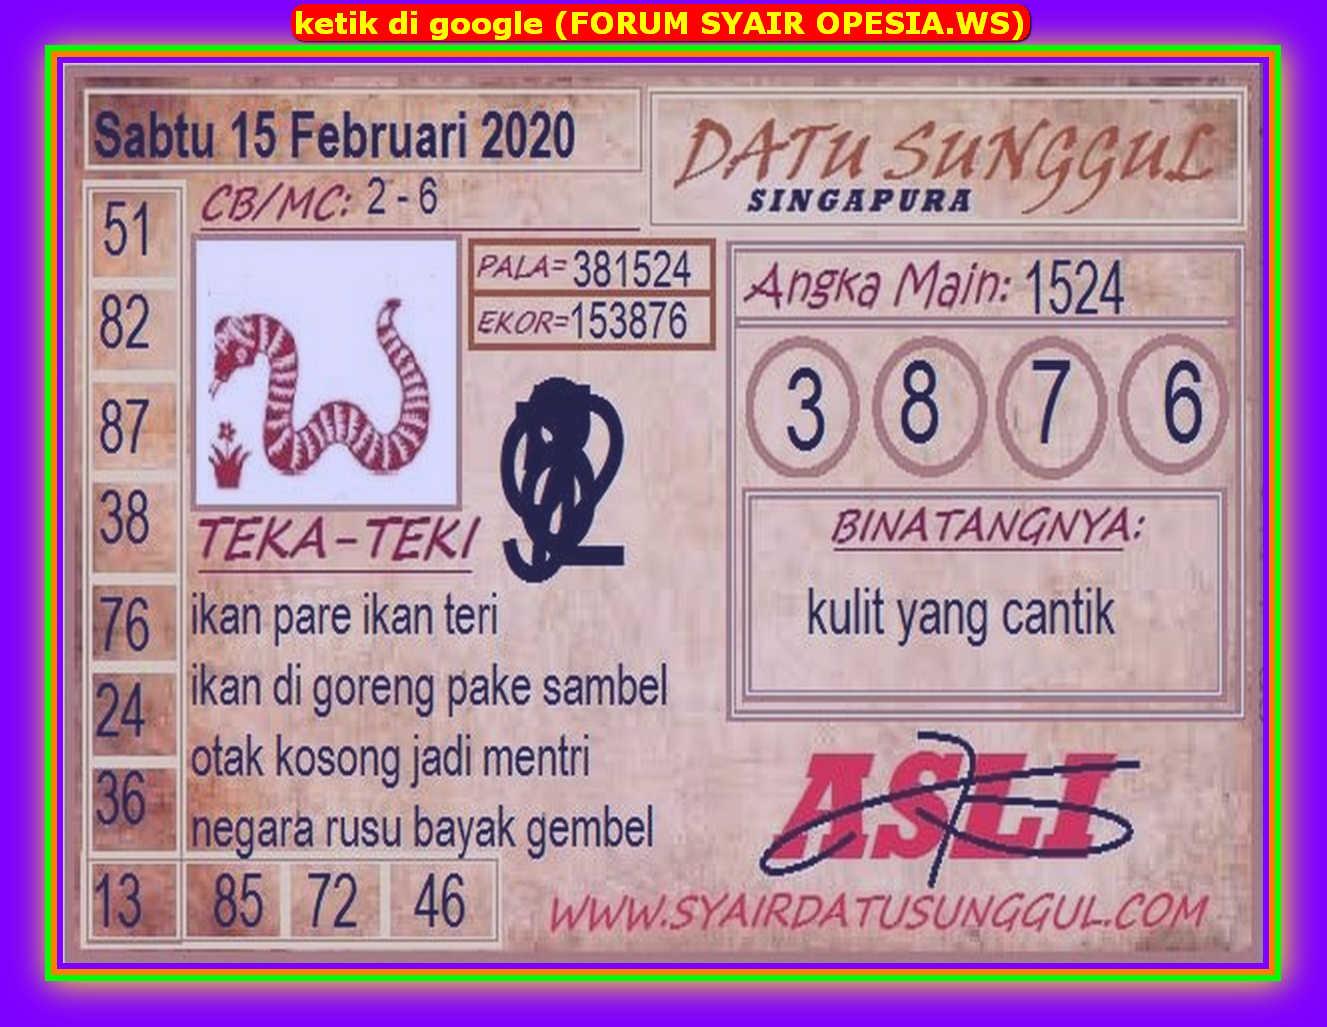 Kode syair Singapore Sabtu 15 Februari 2020 76